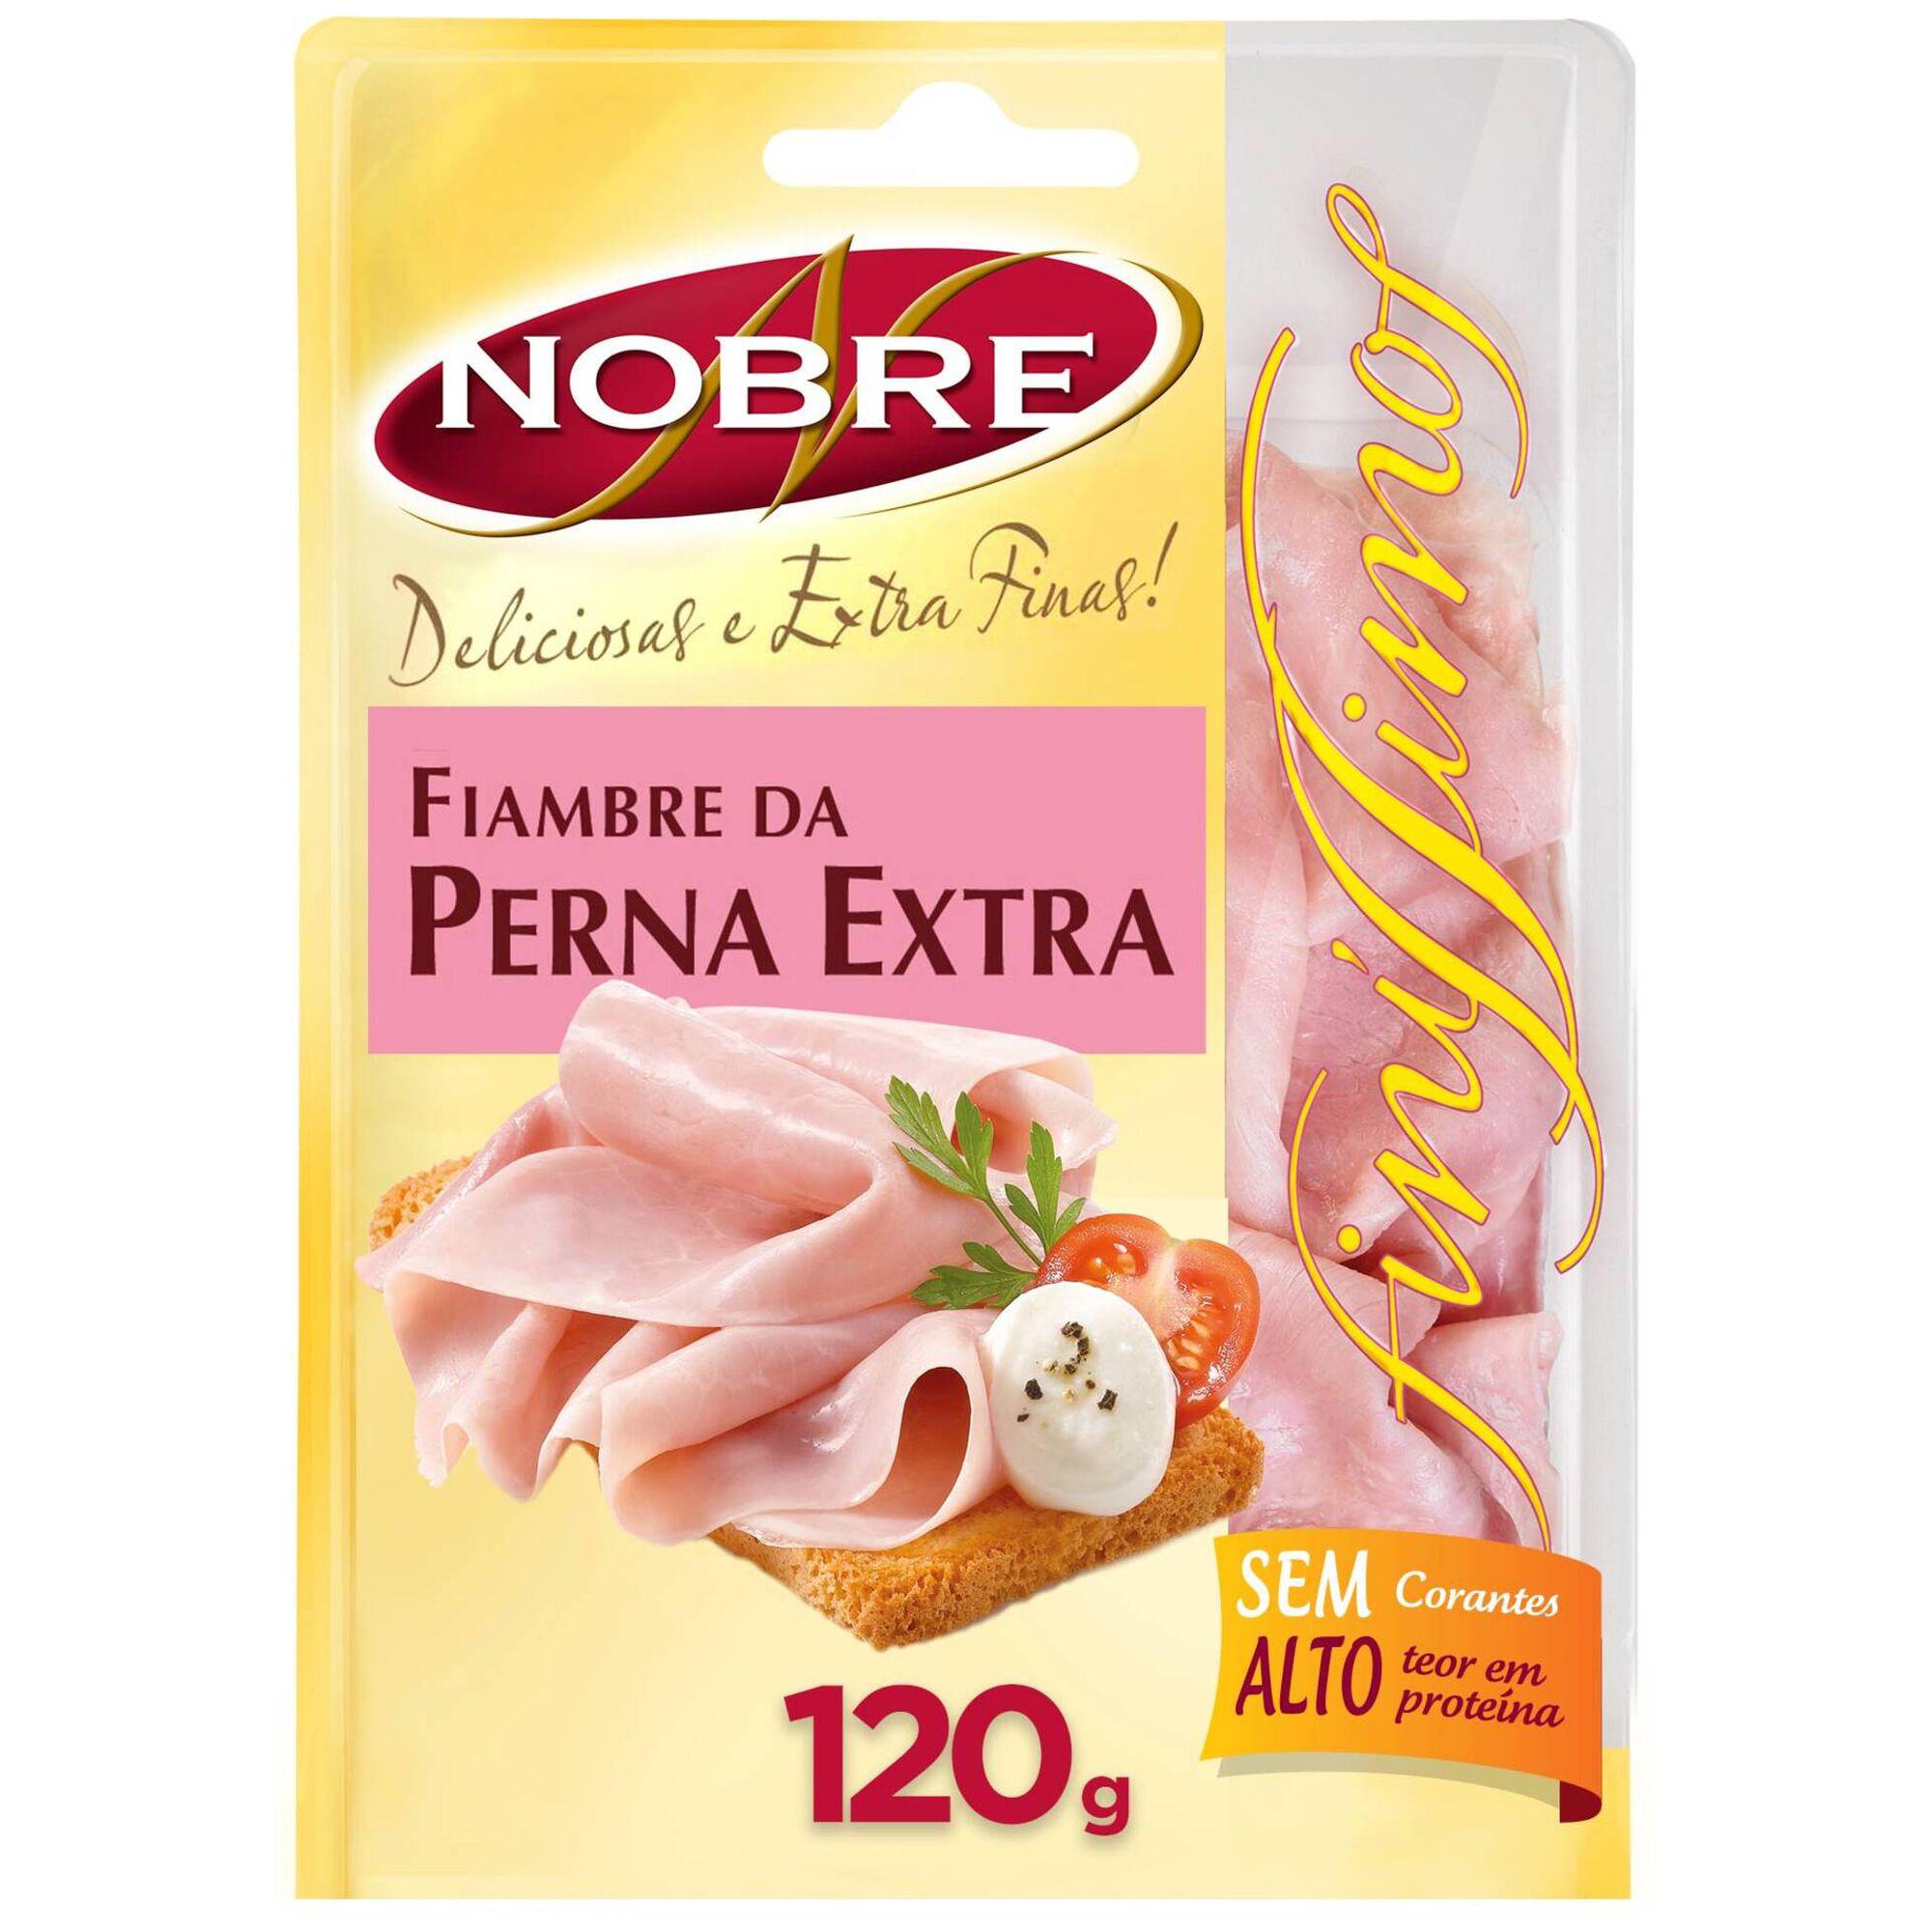 Fiambre Perna Extra Fatias Finíssimas